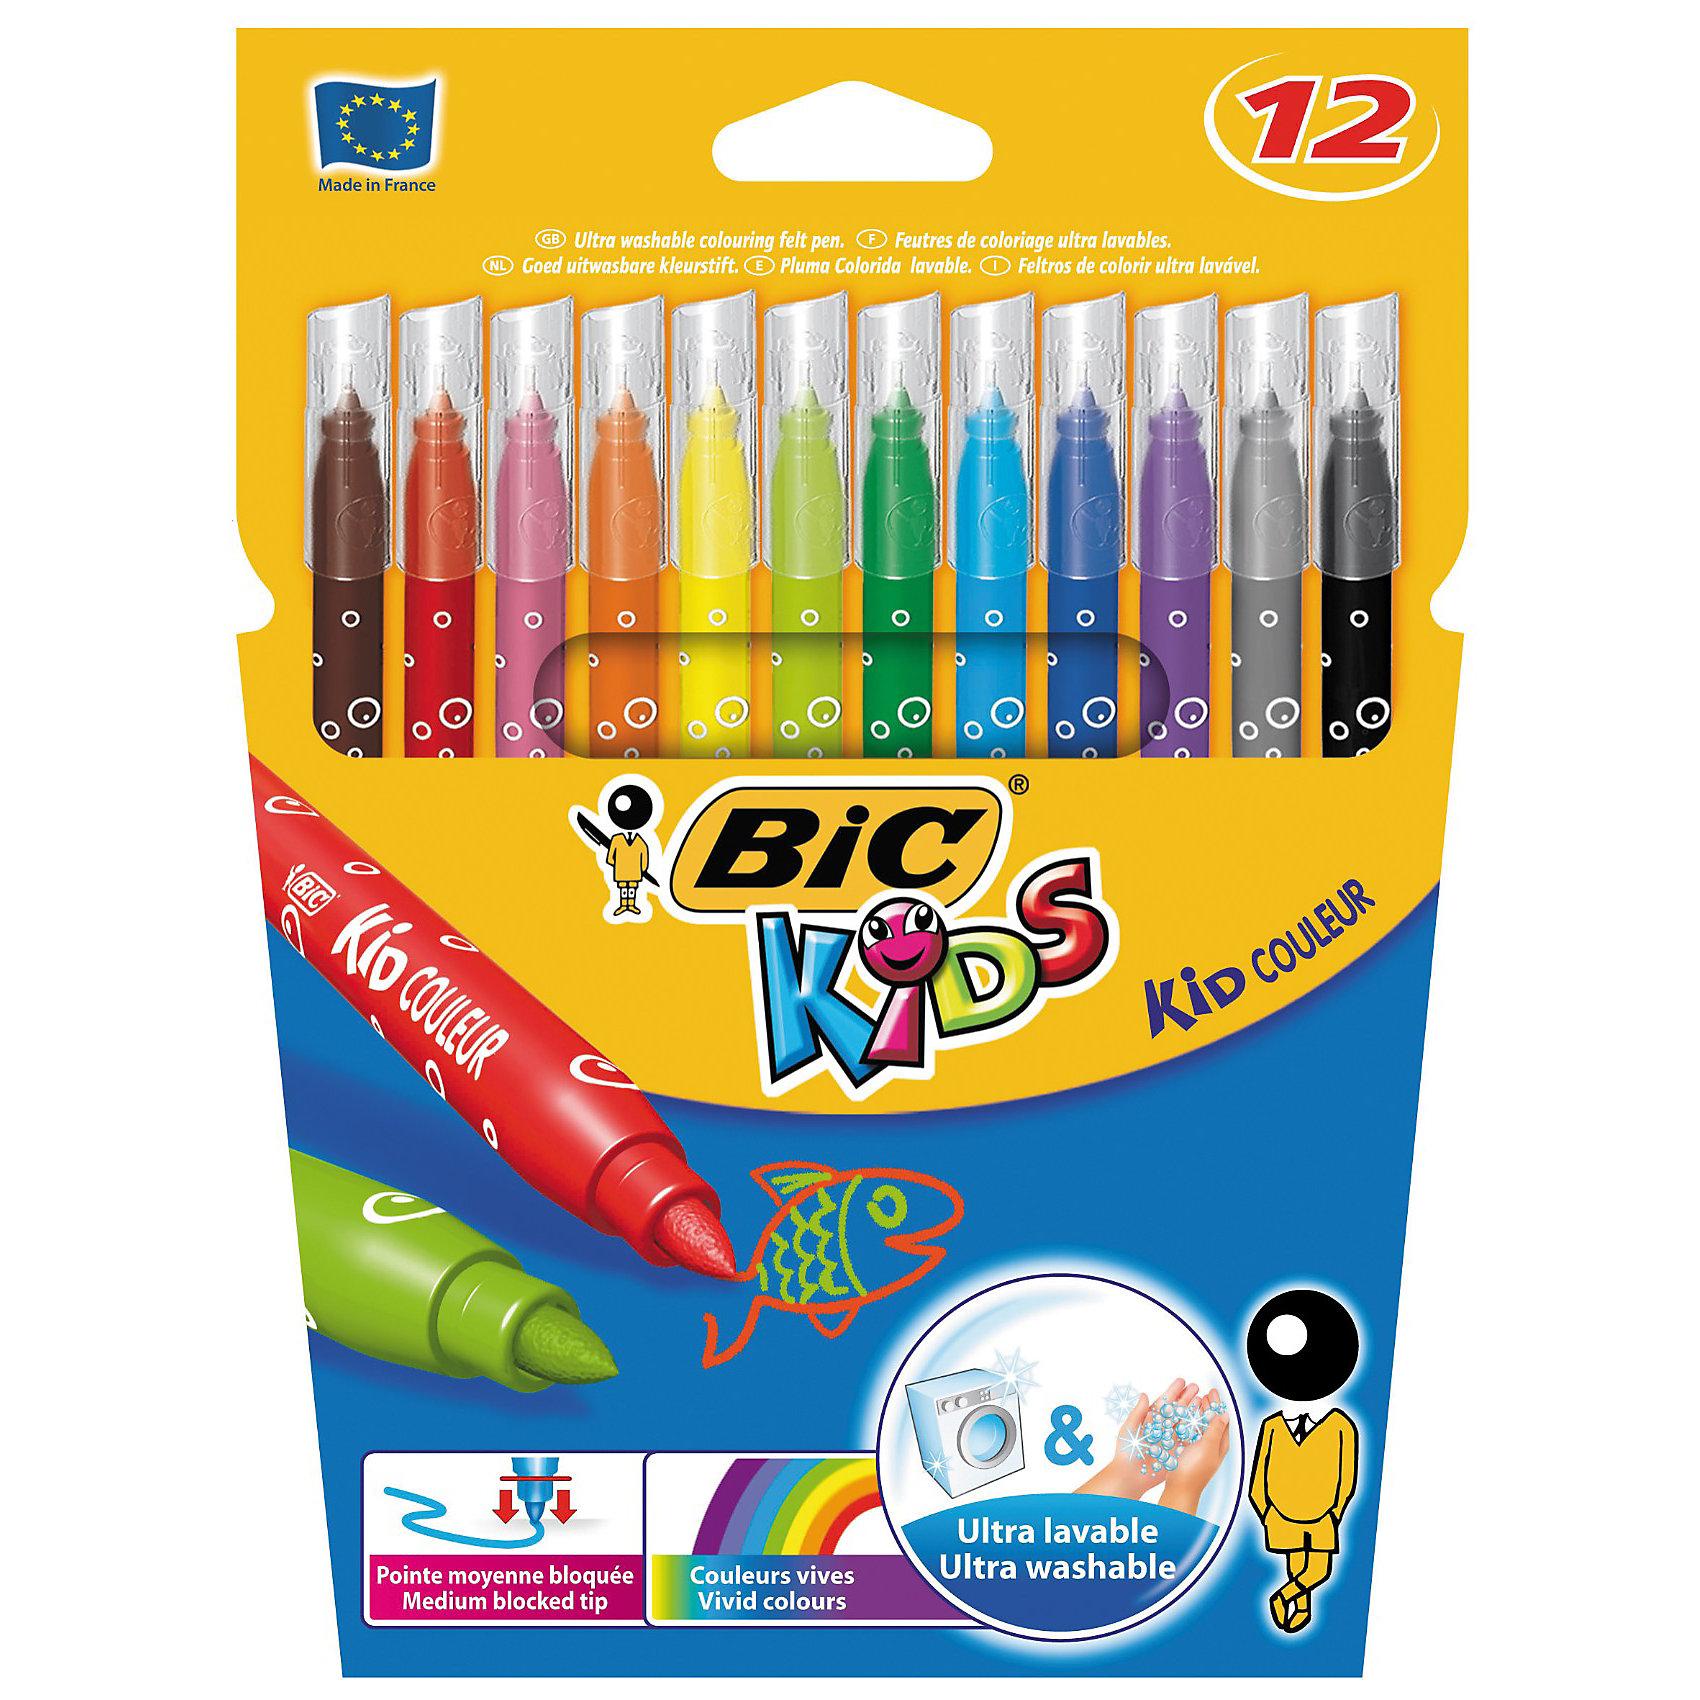 BIC Цветные фломастеры Колор 750 12 цветовПисьменные принадлежности<br>Детские фломастеры в экологичной бумажной упаковке-конверте. Чернила отлично отмываются от рук и легко отстирываются от одежды. Фломастеры соответствуют европейским стандартам для детских товаров и не содержат вредных примесей.<br><br>Дополнительная информация:<br><br>- В наборе - 12 цветов.<br>- На водной основе.<br>- Смываемые.<br>- Нетоксичные.<br>- Вентилируемый колпачок.<br>- Длина - 147 мм (вместе с колпачком).<br>- Толщина линии - 0,8 мм.<br>- Прочный пишущий узел.<br>- Размер упаковки: 15х17х0,6<br>- Вес в упаковке: 92 г.<br><br>Купить фломастеры Kid Couleur BIC  можно в нашем магазине.<br><br>Ширина мм: 10<br>Глубина мм: 145<br>Высота мм: 192<br>Вес г: 84<br>Возраст от месяцев: 36<br>Возраст до месяцев: 1188<br>Пол: Унисекс<br>Возраст: Детский<br>SKU: 2493066